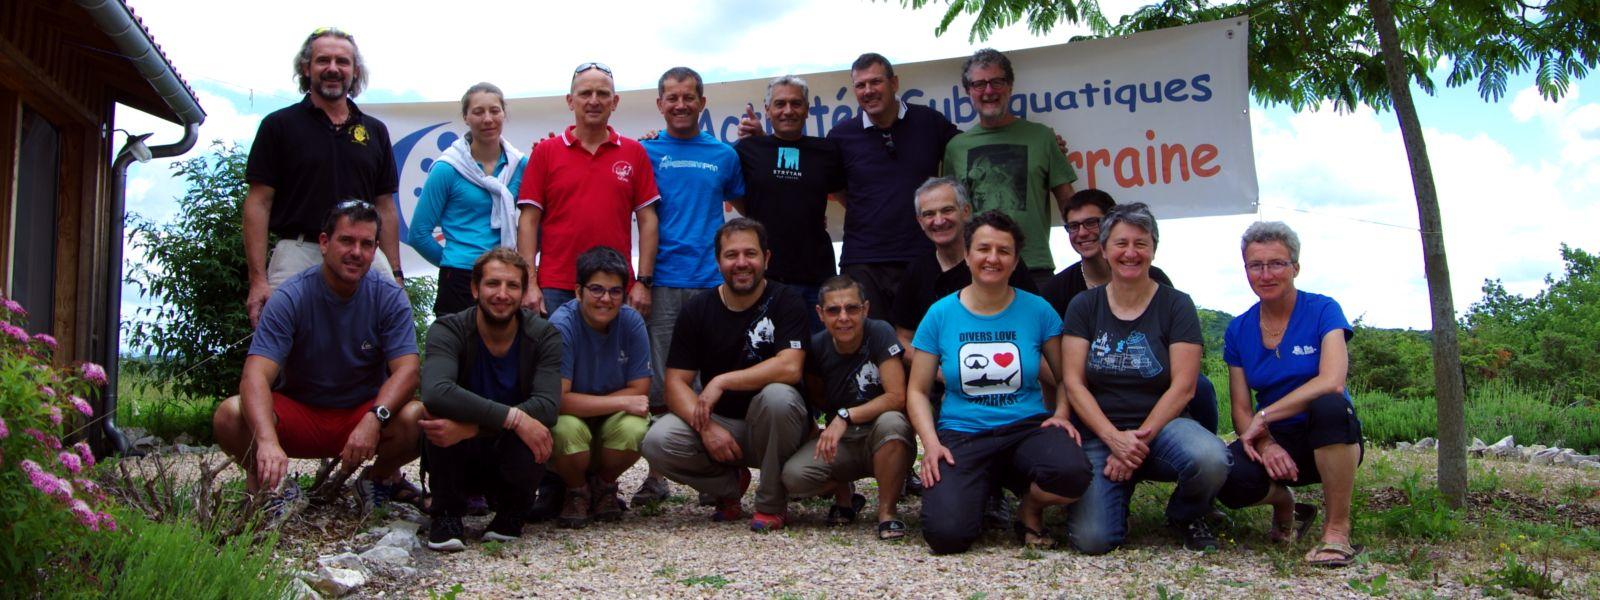 Les associations de La Souterraine - aikidolasoutcom